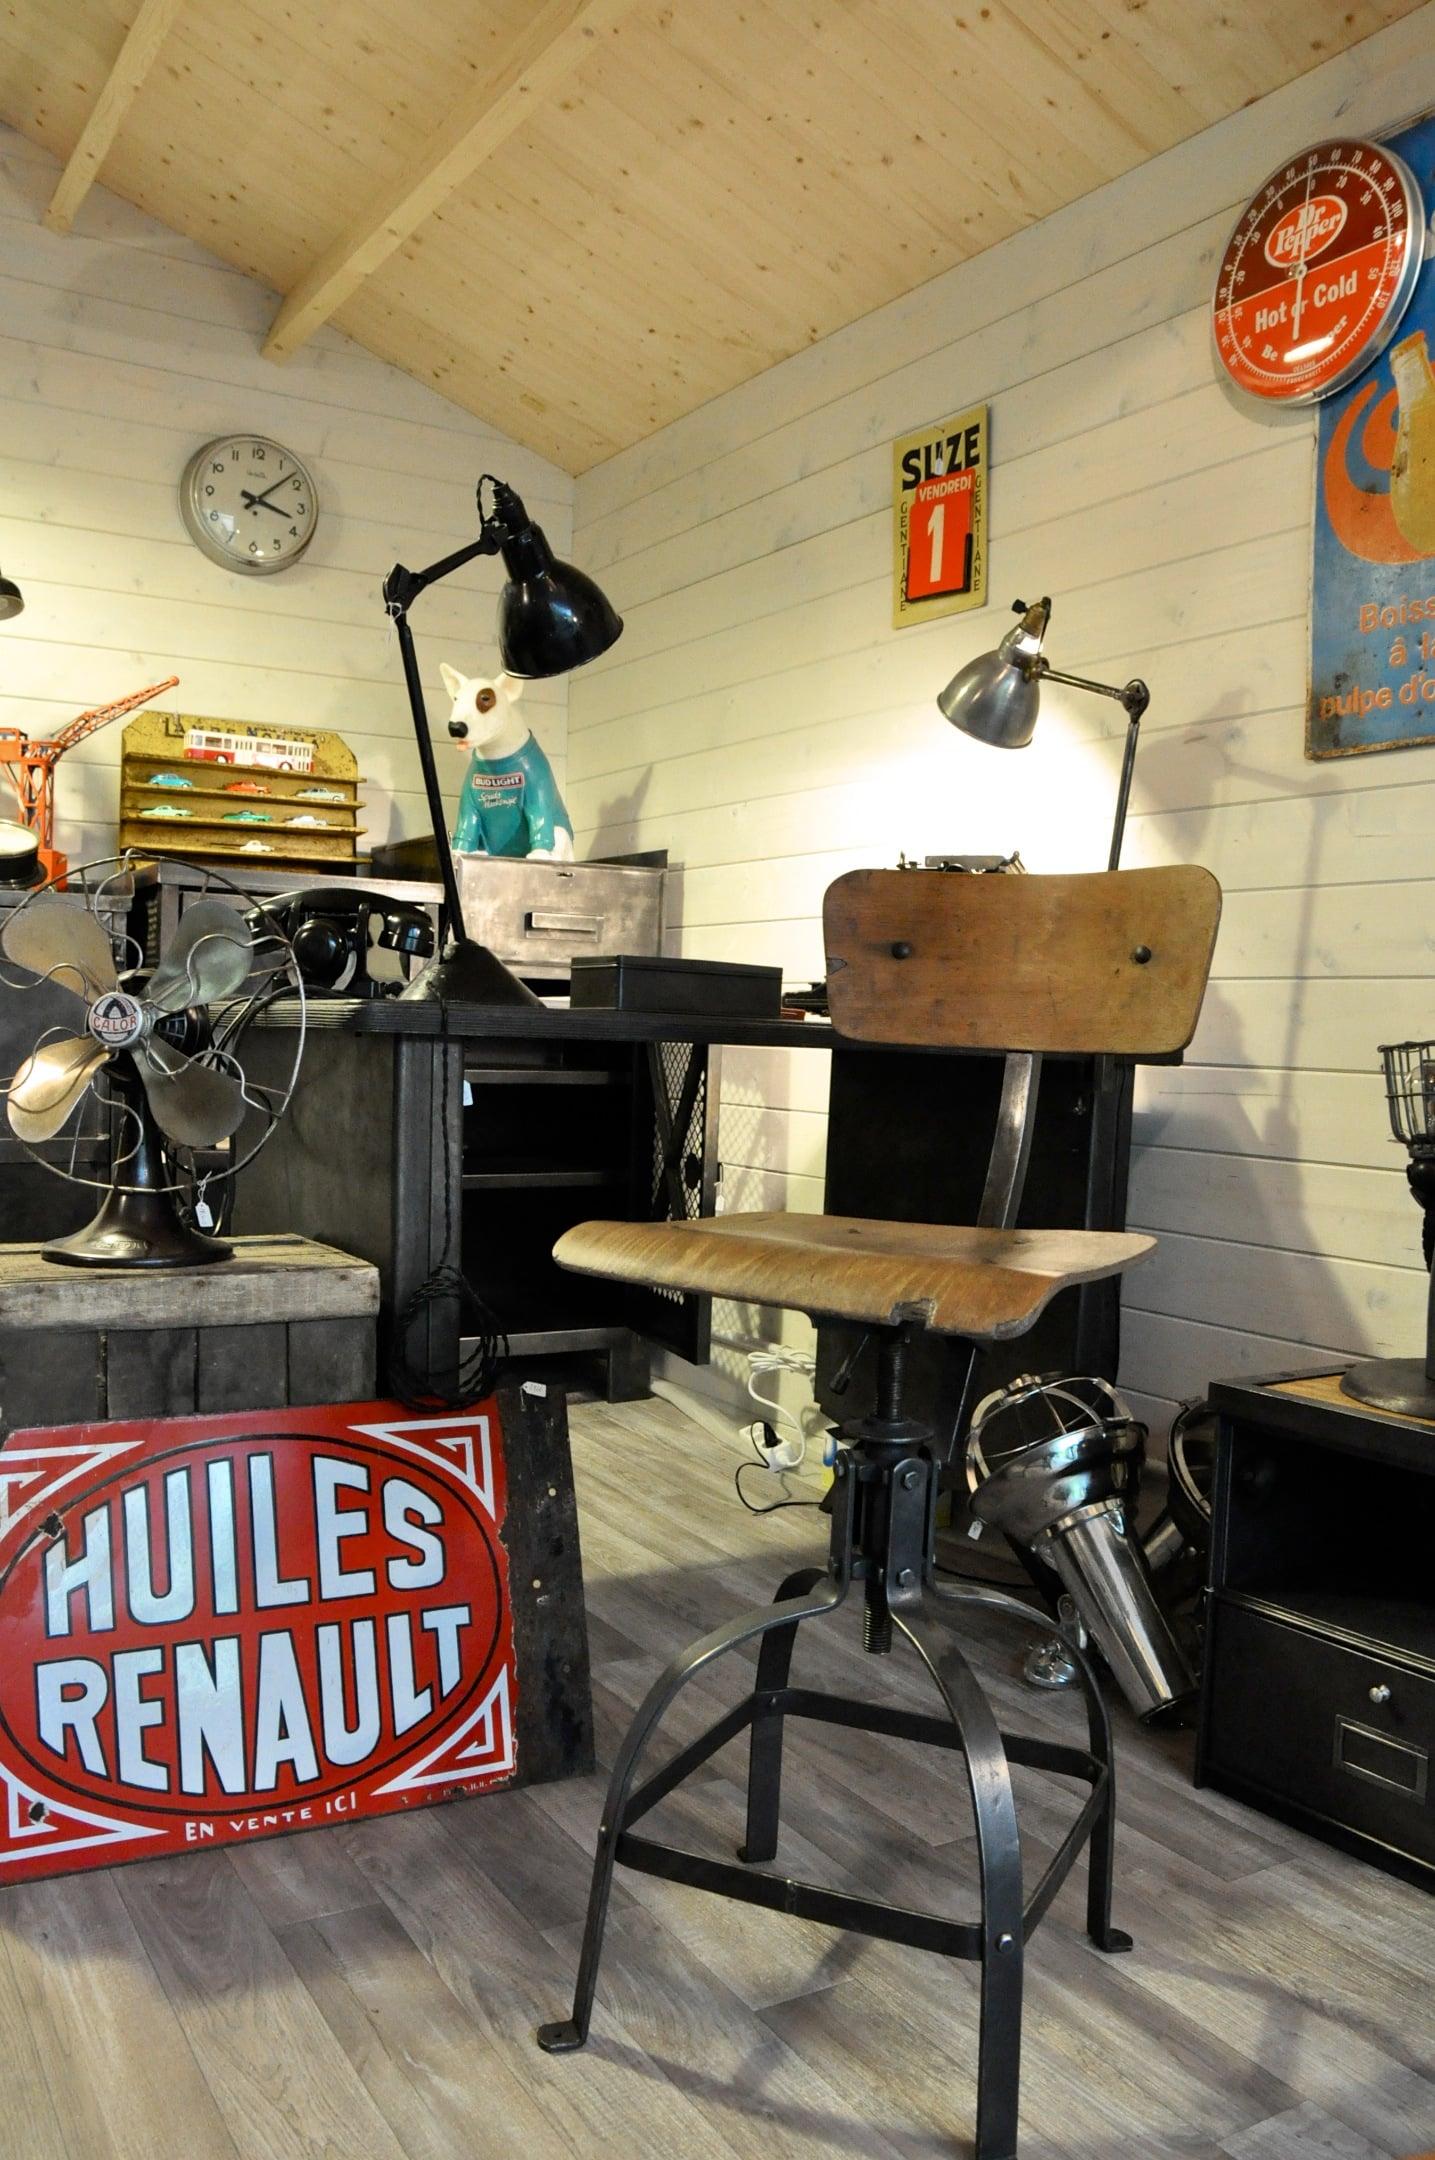 O'Range Metalic, atelier de mobilier industriel et brocante à Bievres